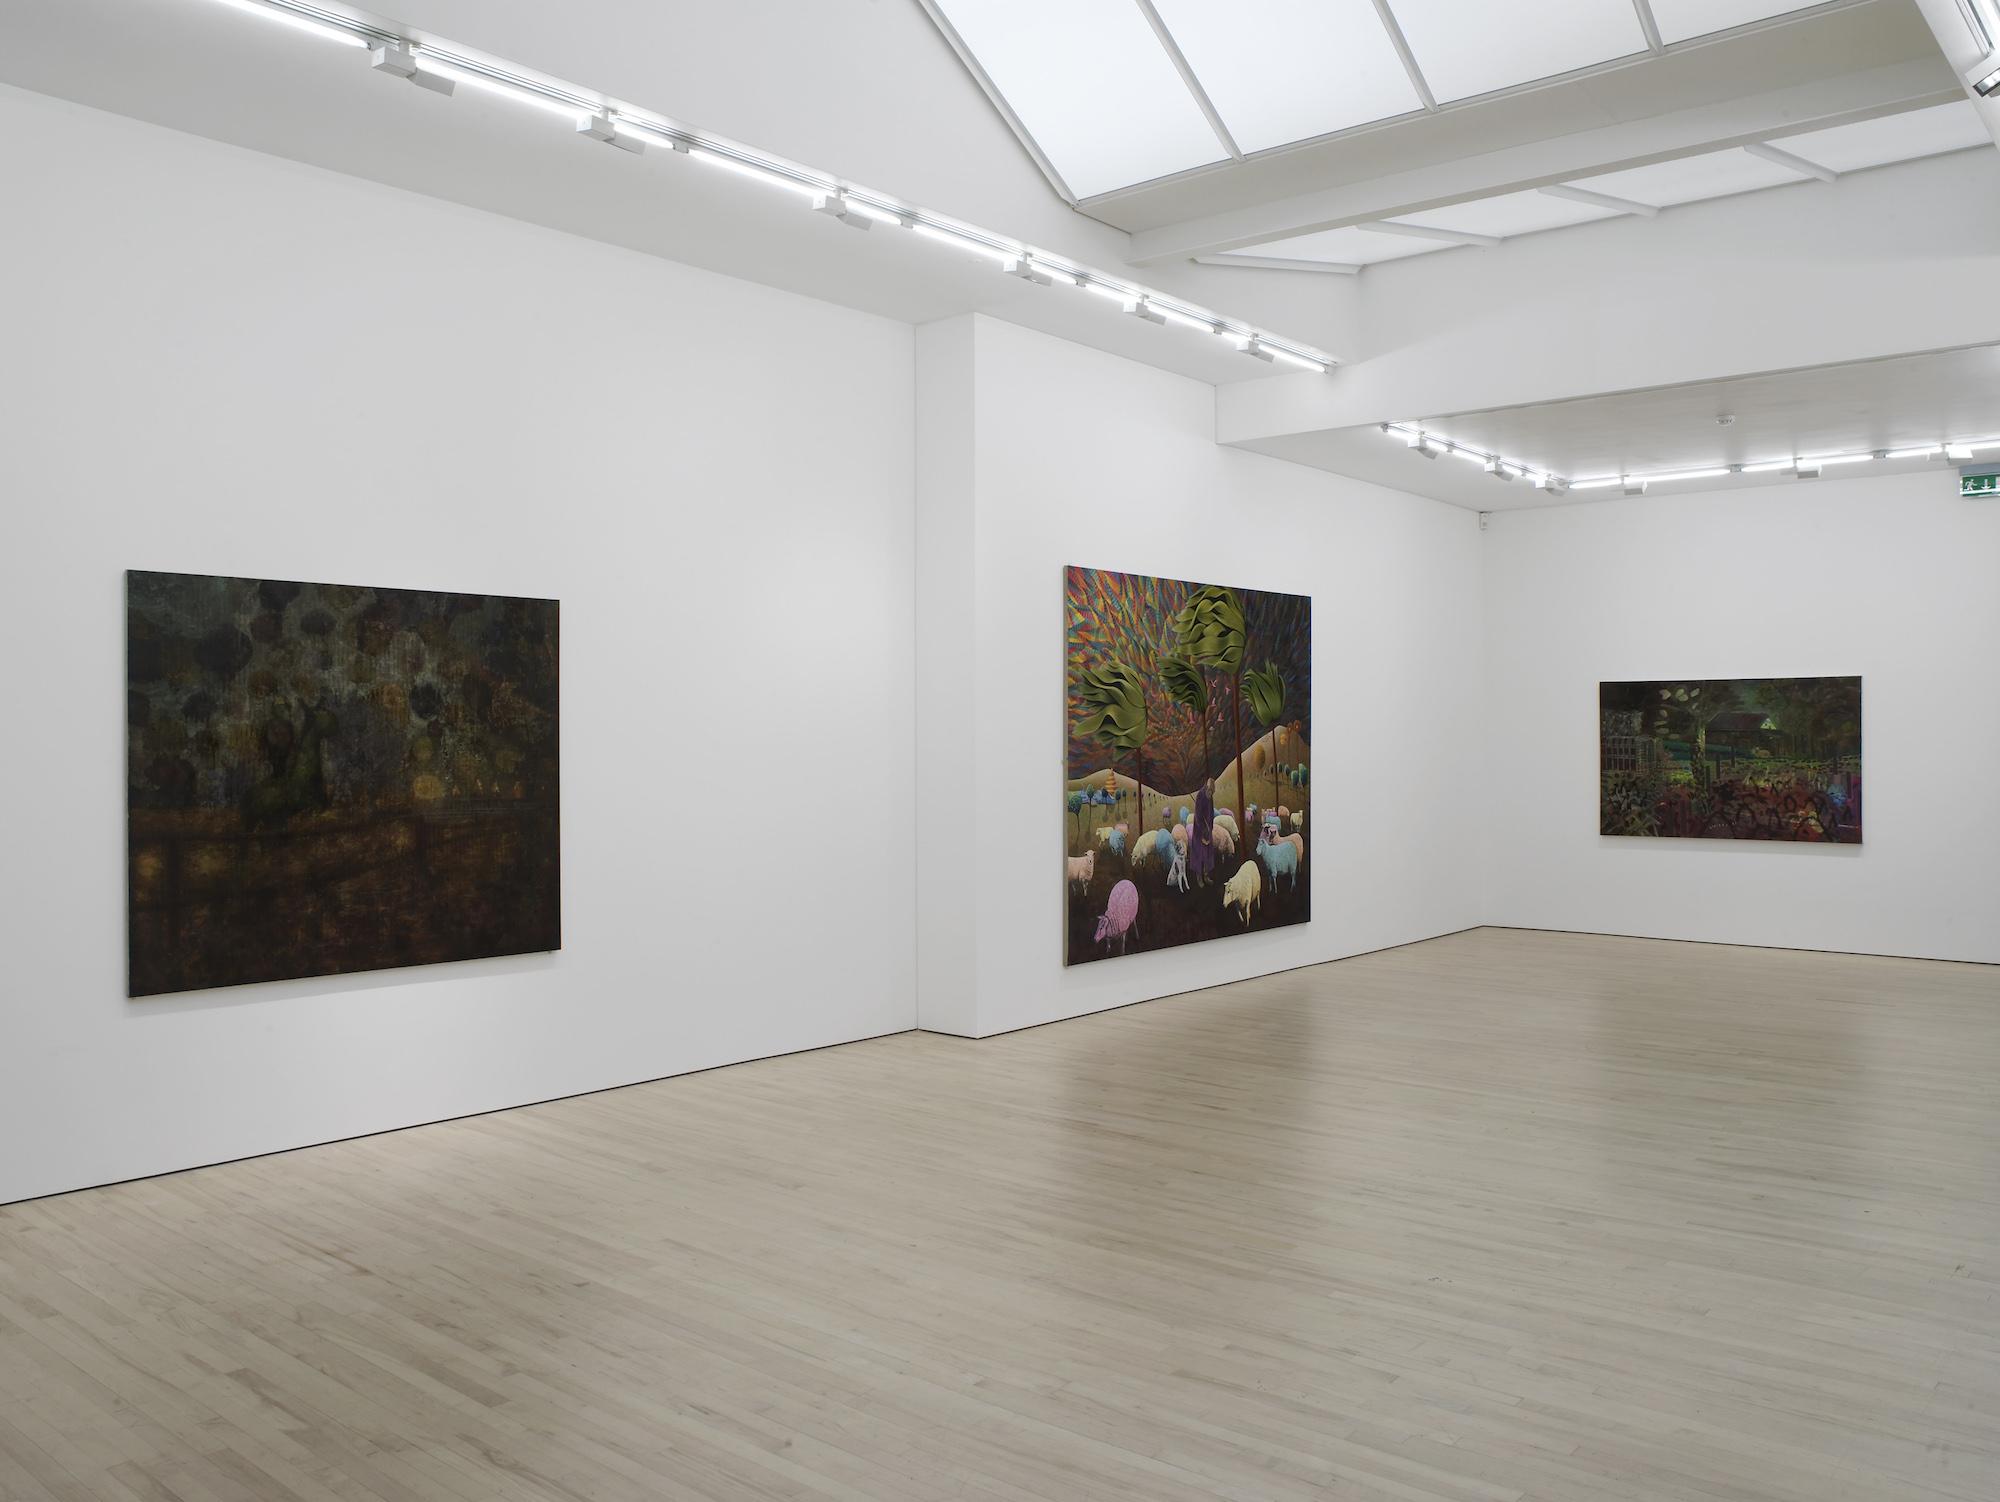 9 - David Brian Smith at Carl Freedman London